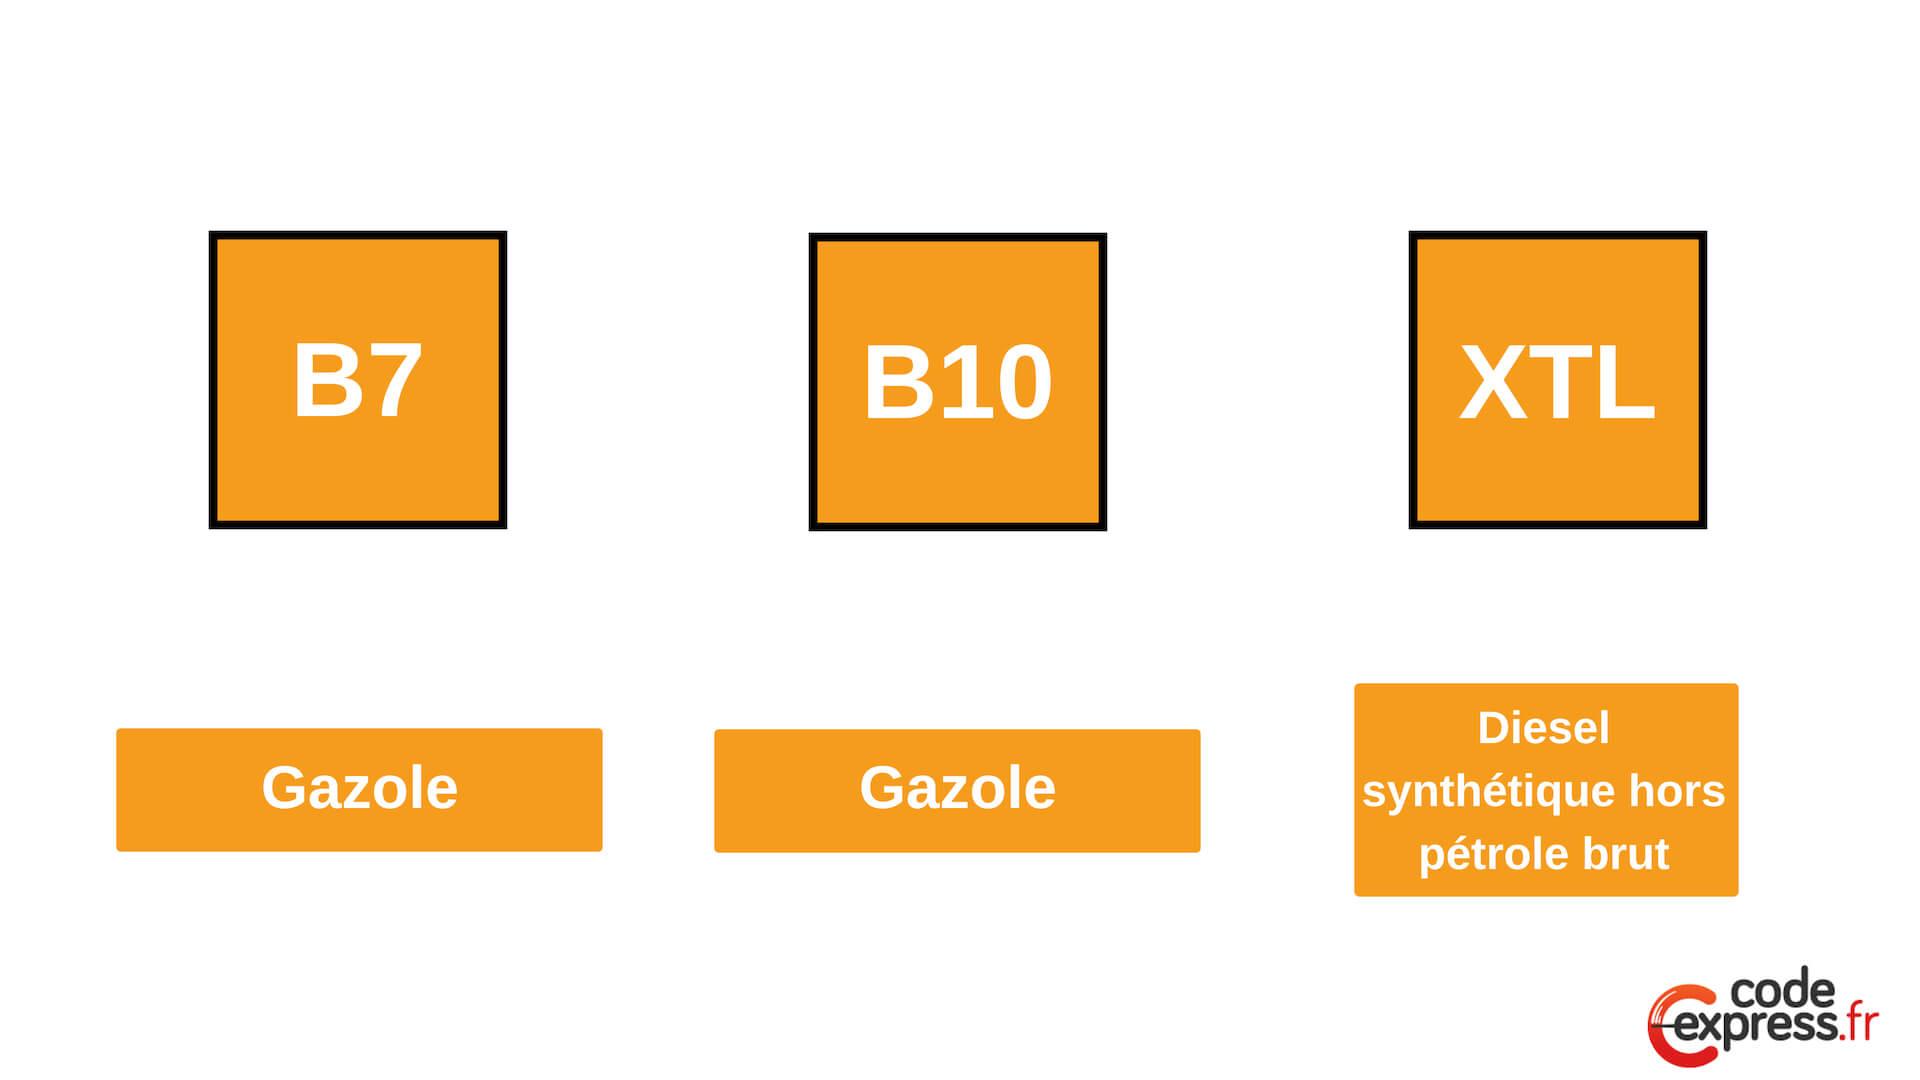 diesel-carburant-code